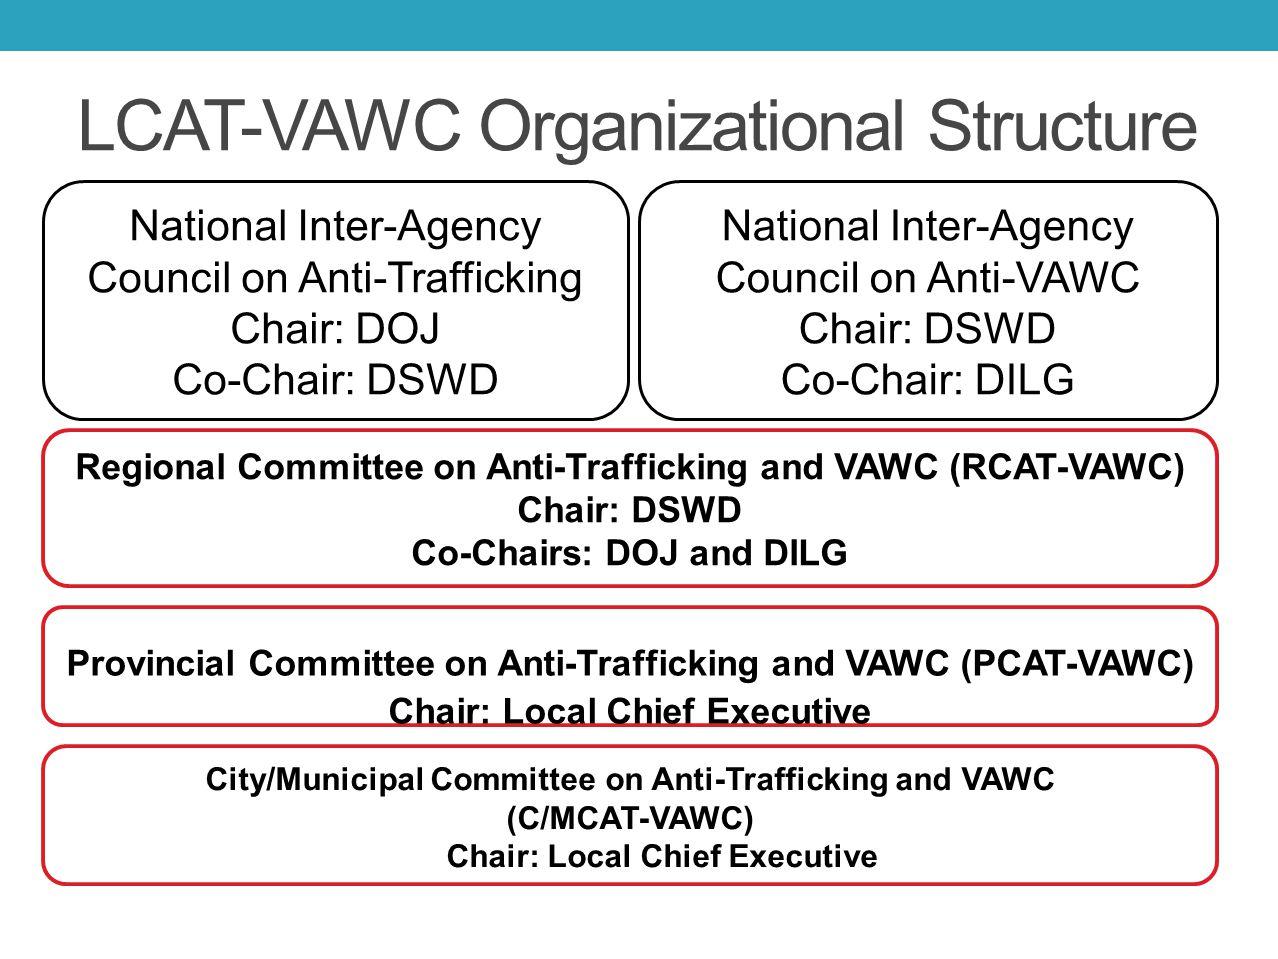 LCAT-VAWC Organizational Structure